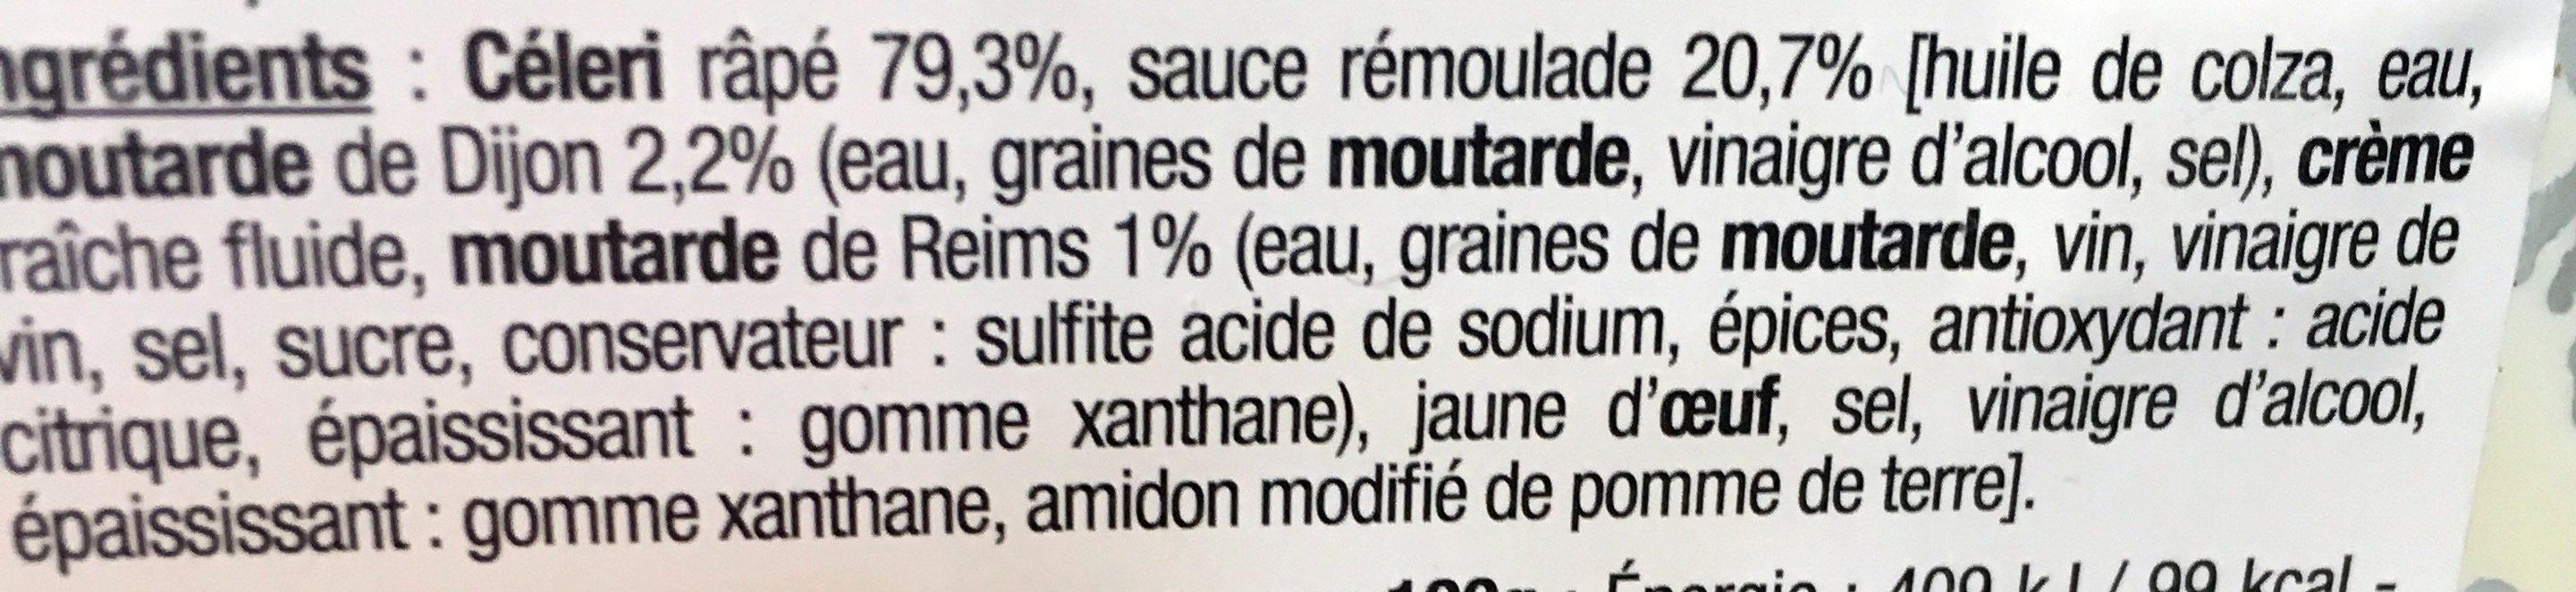 Céleri finement râpé - Ingrédients - fr